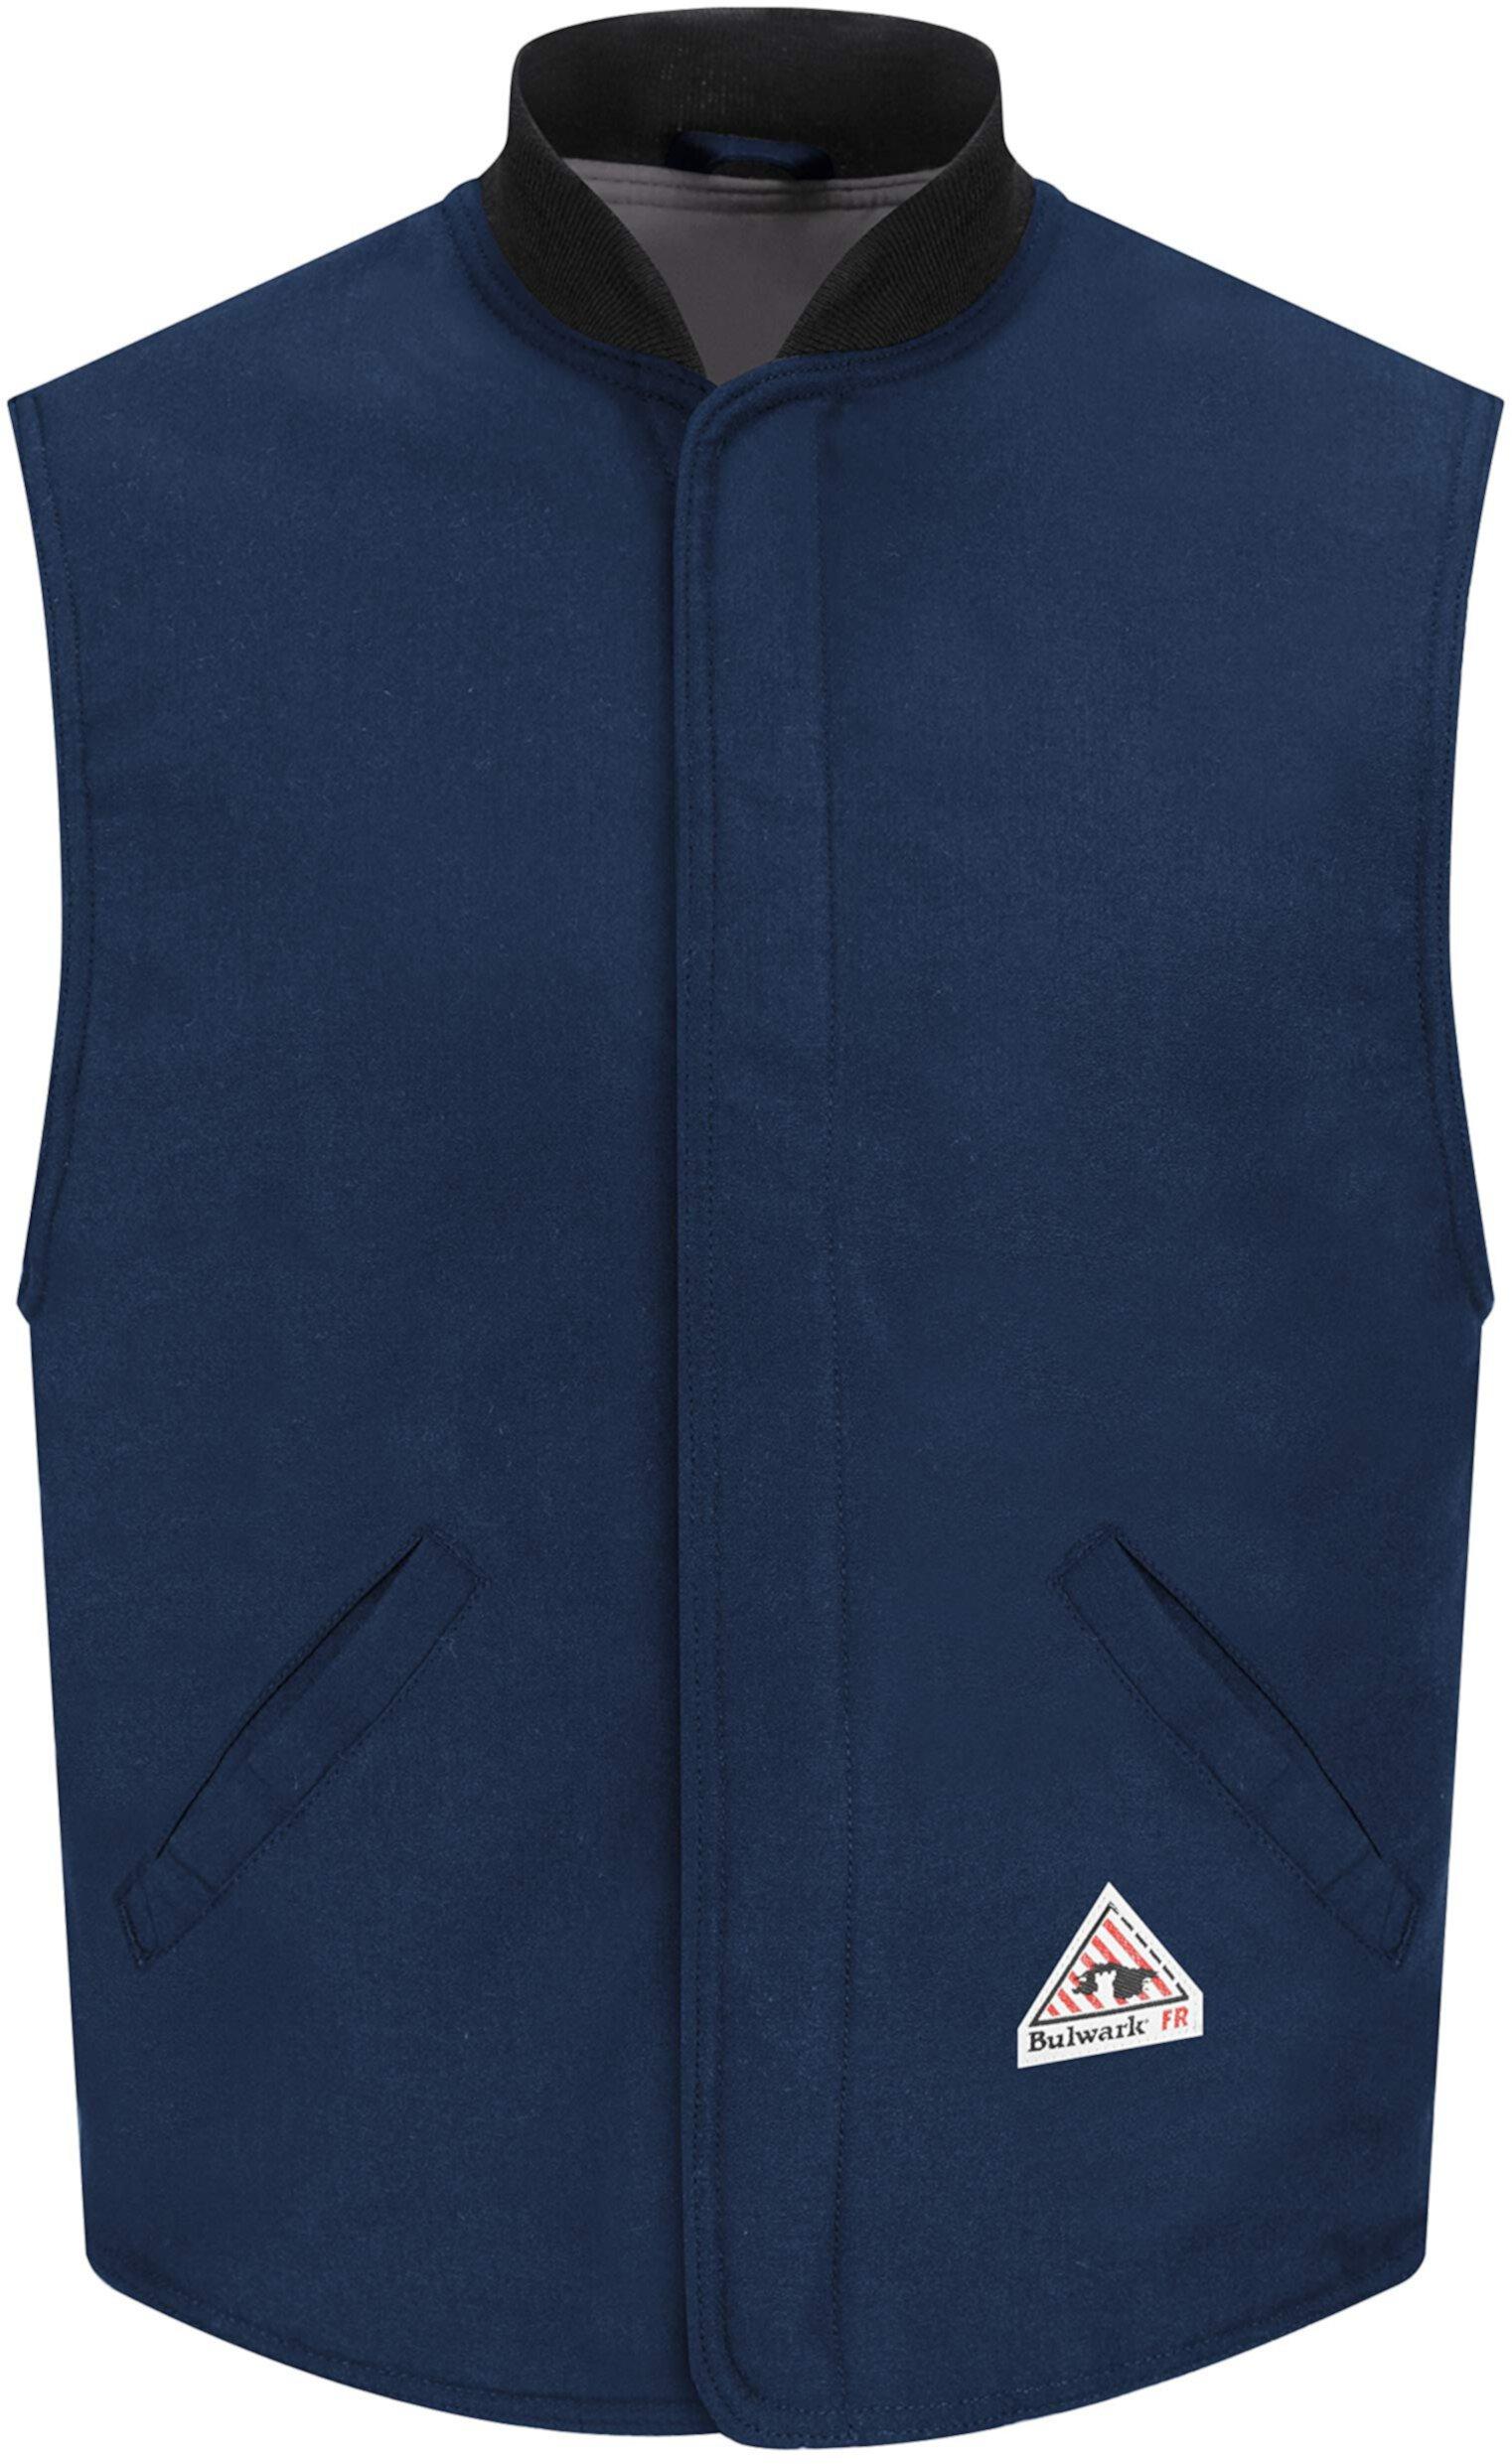 Огнестойкая подкладка жилета Nomex Iiia на 4,5 унции с ребристым воротником, темно-синий Bulwark FR